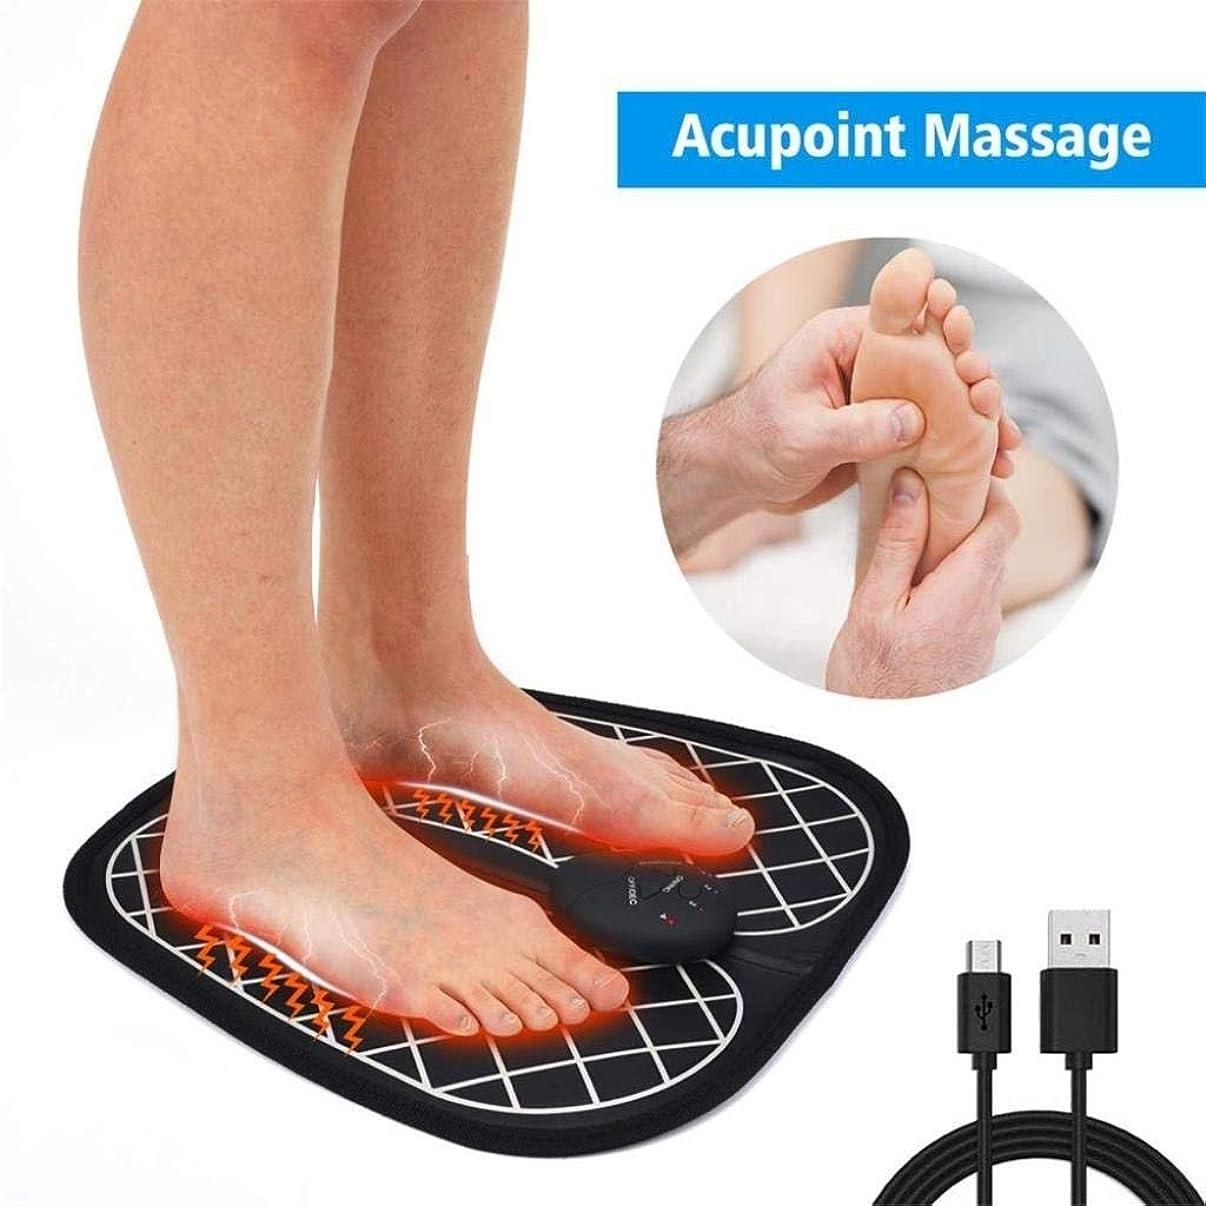 松業界句フットマッサージャー-インテリジェントなフットマッサージパッド、筋肉をリラックスさせ、痛みを和らげ、持ち運びが簡単な自動フット振動マッサージ機